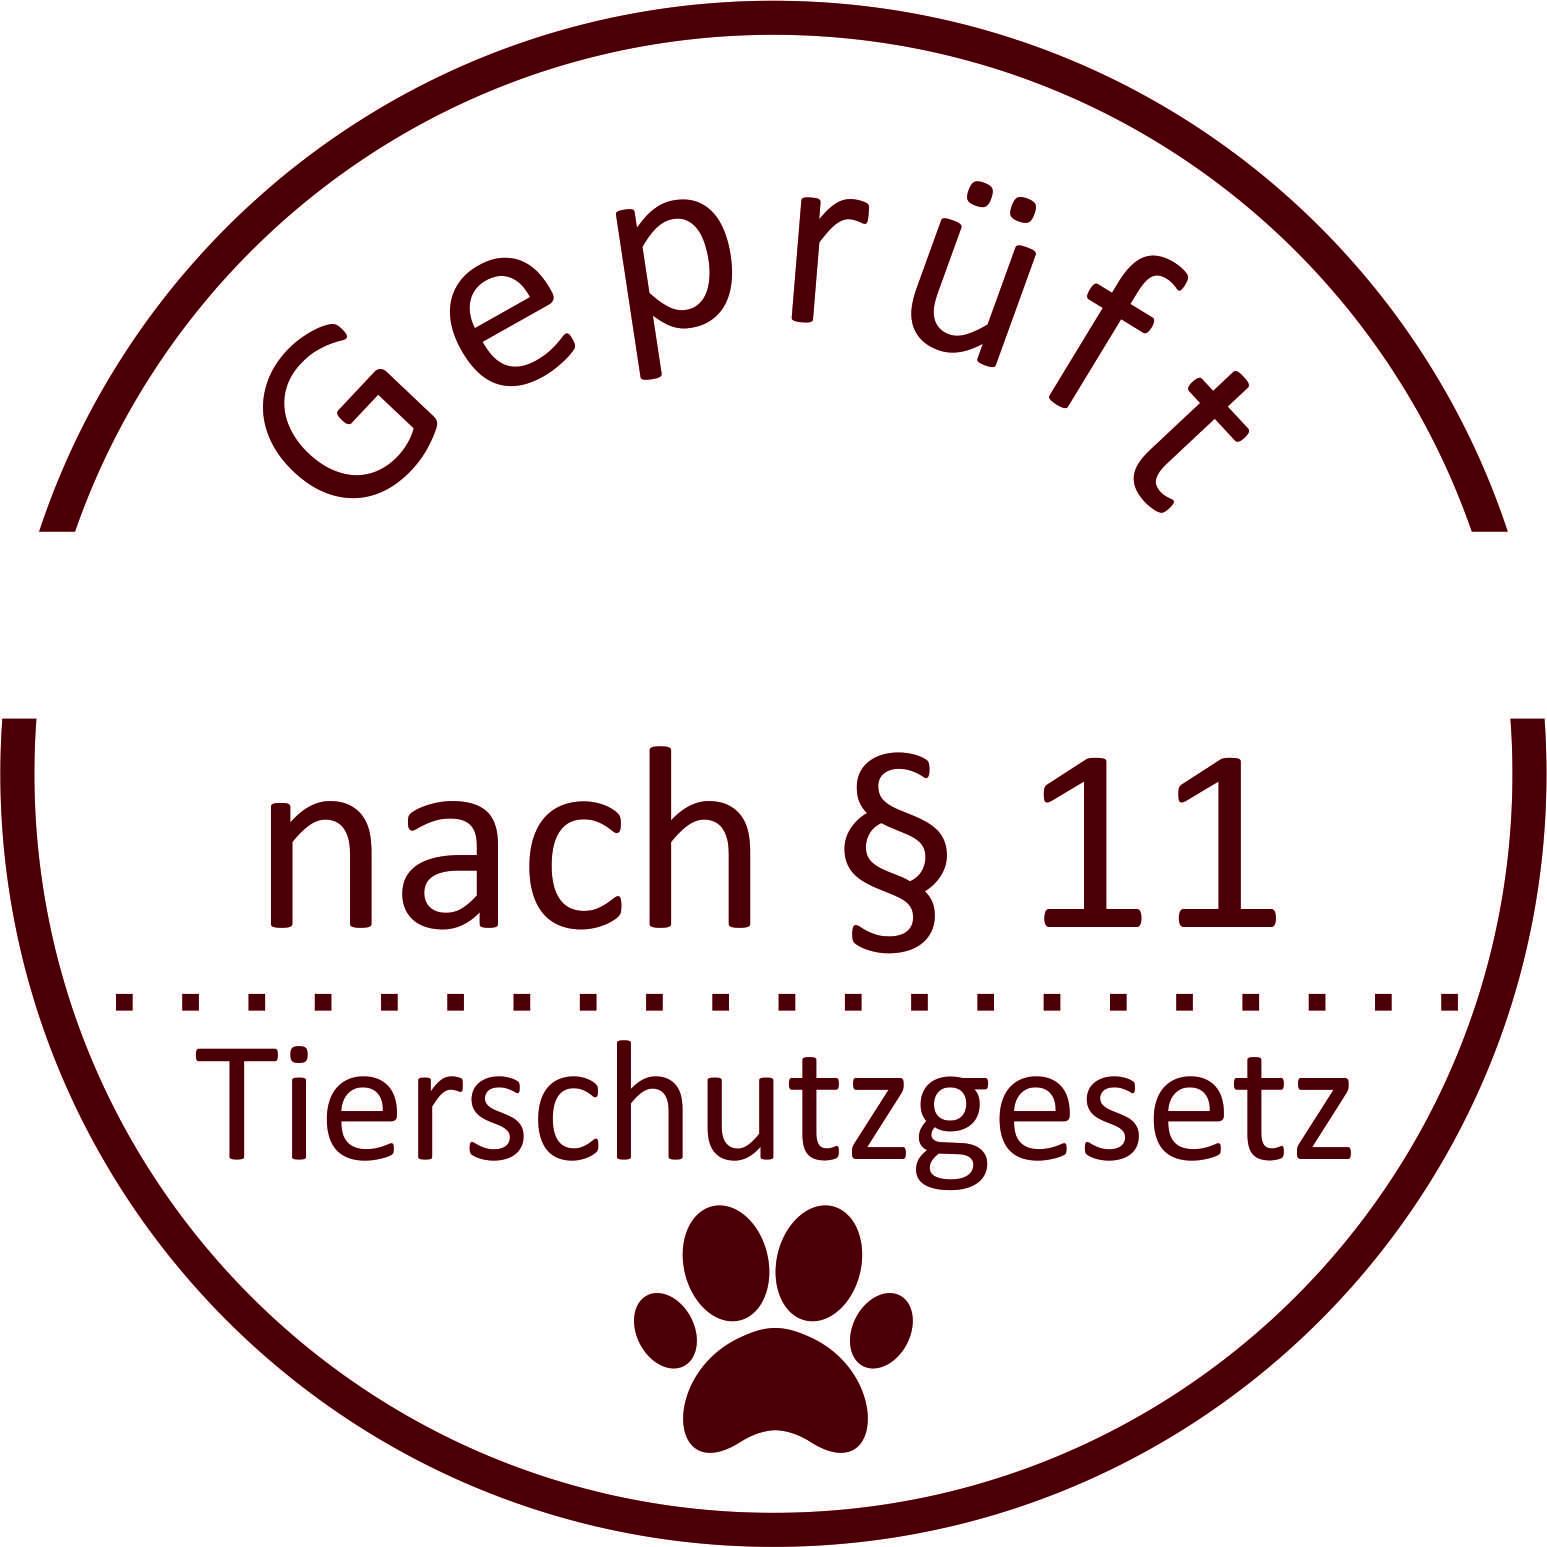 Logo Tierschutzgesetz